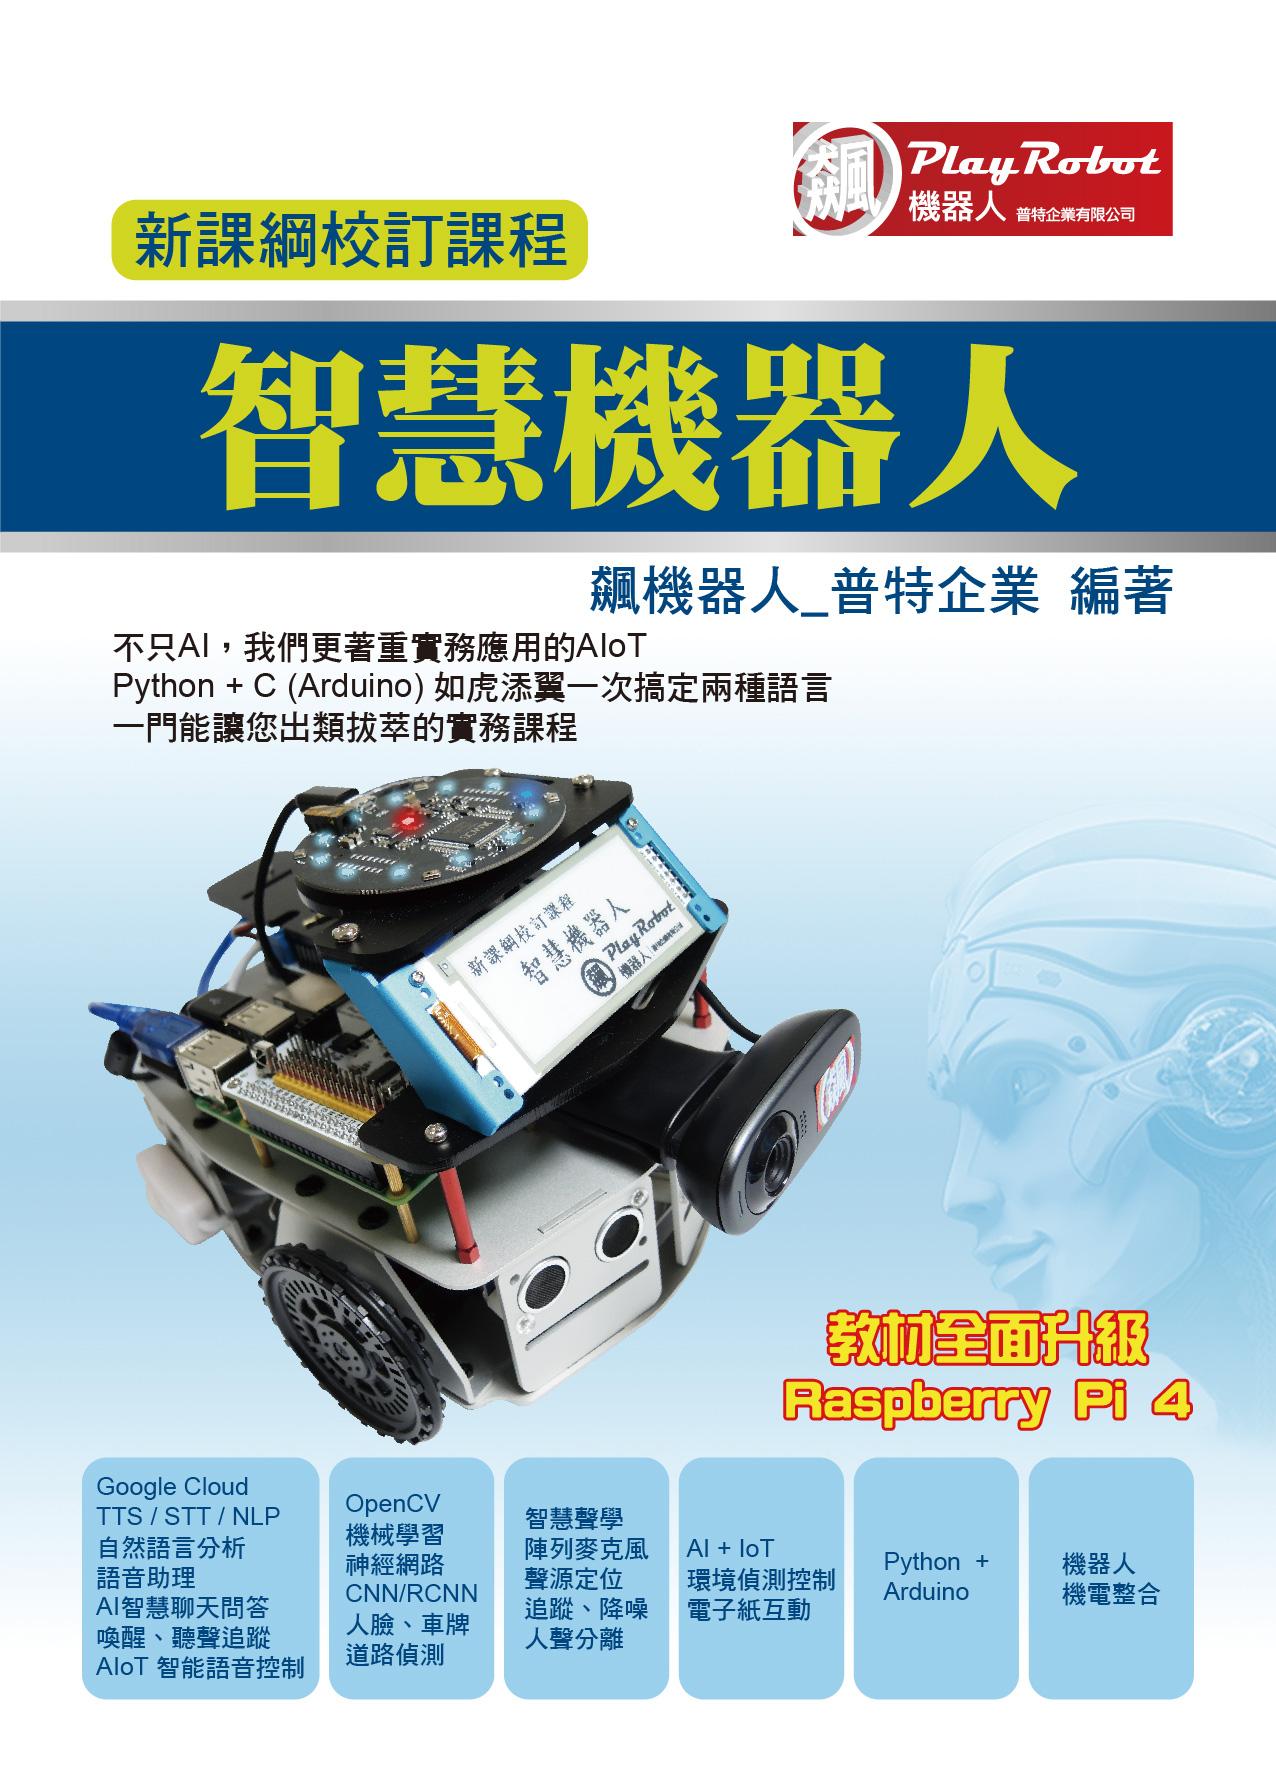 智慧機器人封面(Pi 4)RGB.jpg